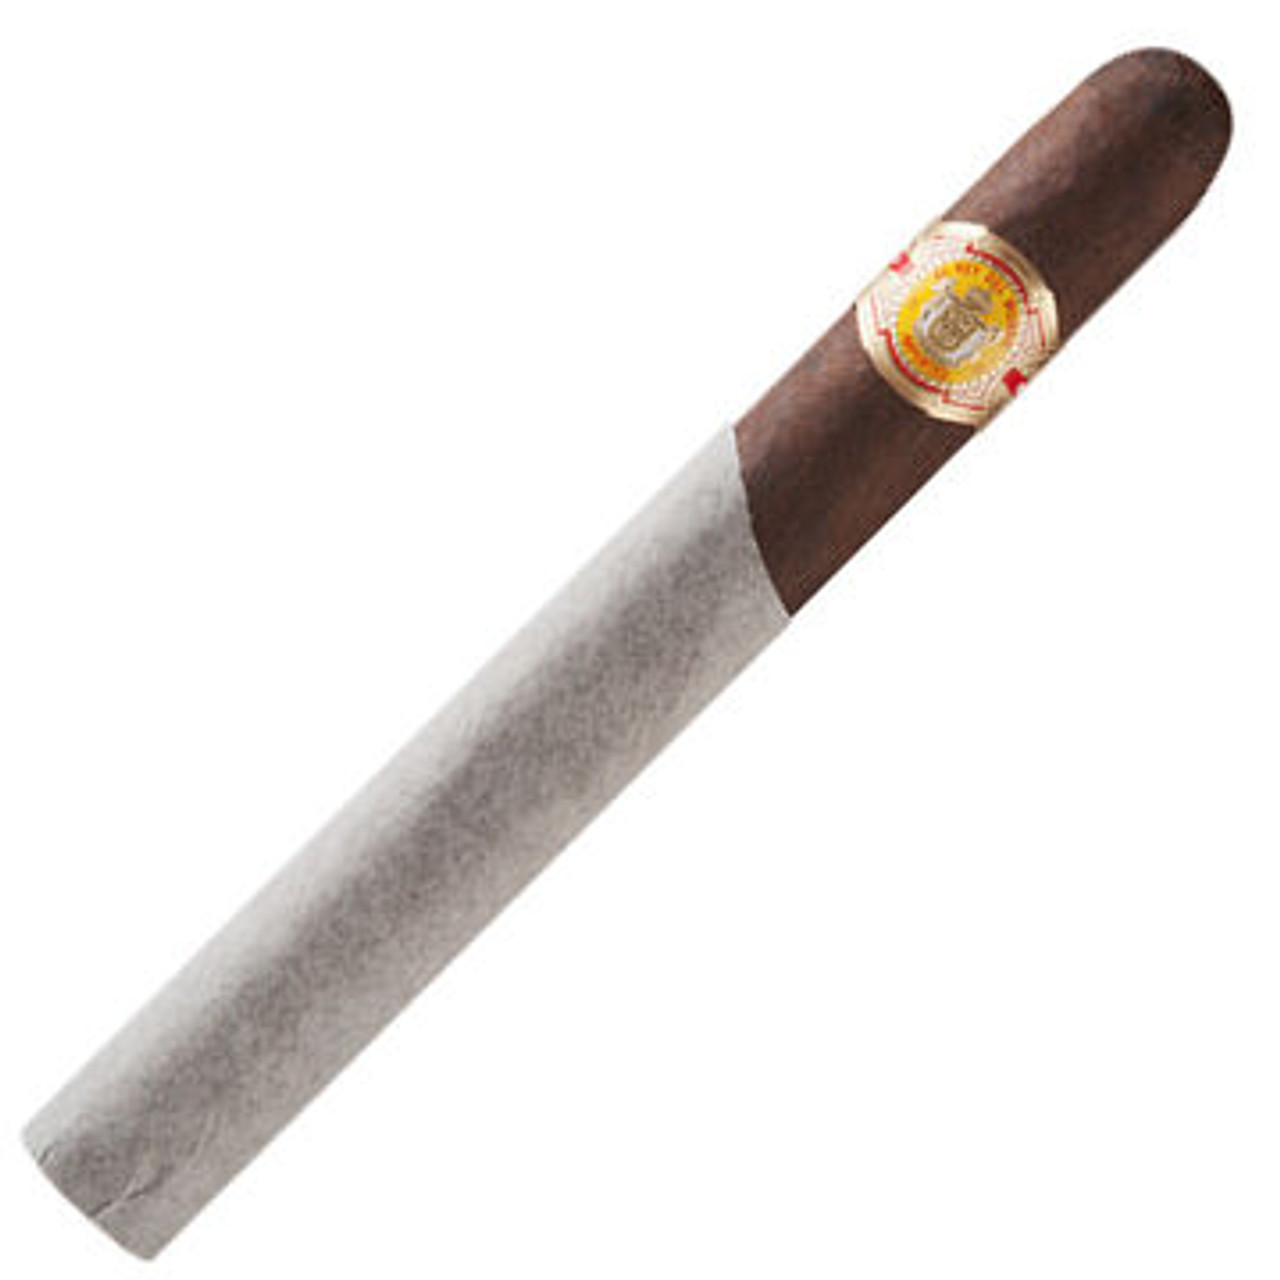 El Rey del Mundo Robusto Suprema Cigars - 7.25 x 54 (Box of 20)